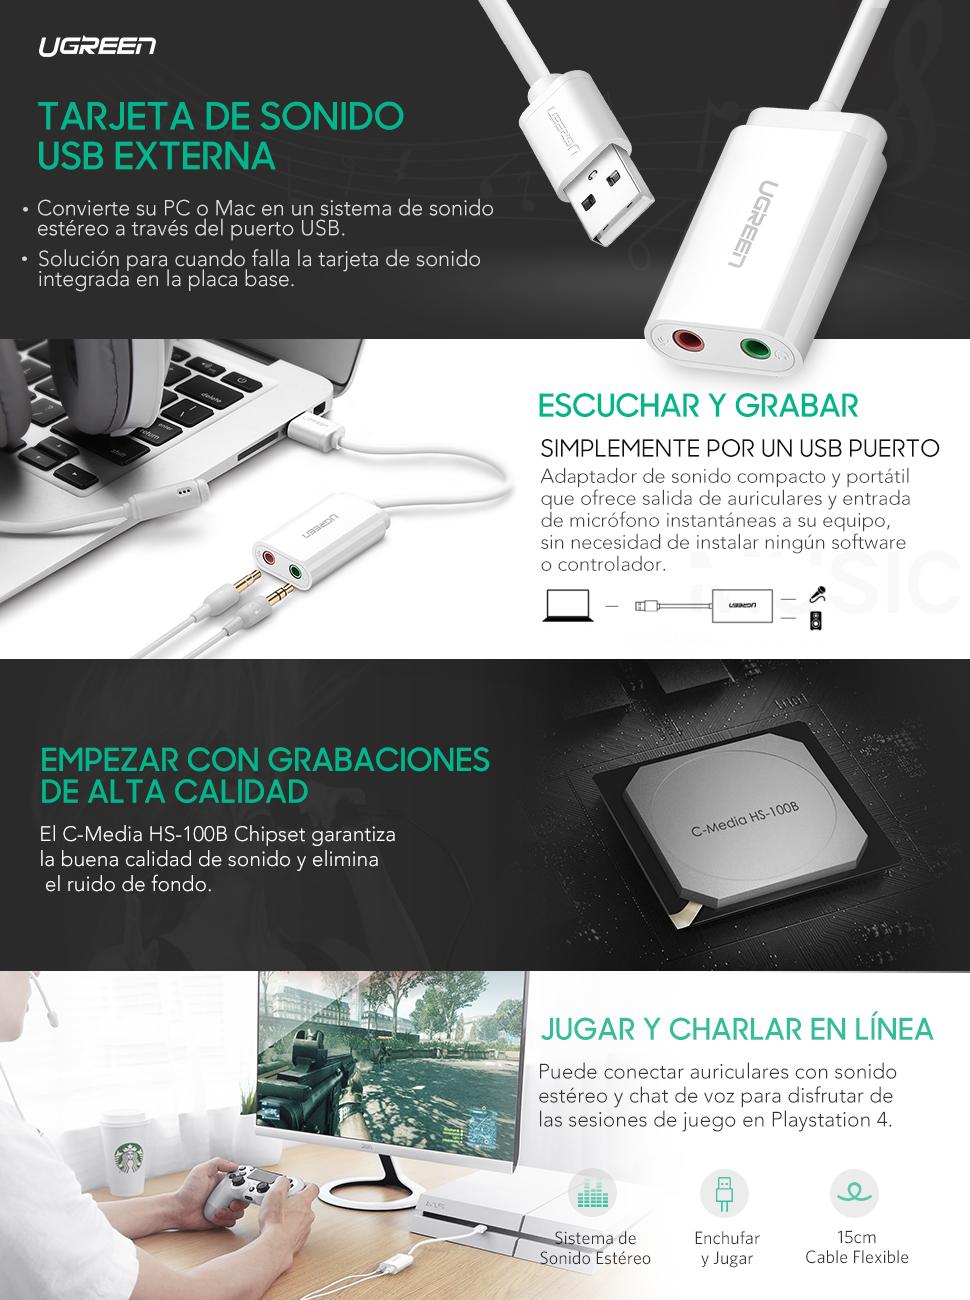 UGREEN Tarjeta de Sonido USB, Tarjeta de Sonido Externa Adaptador Audio y Micrófono 3.5mm para Altavoces, Auriculares y Micrófono